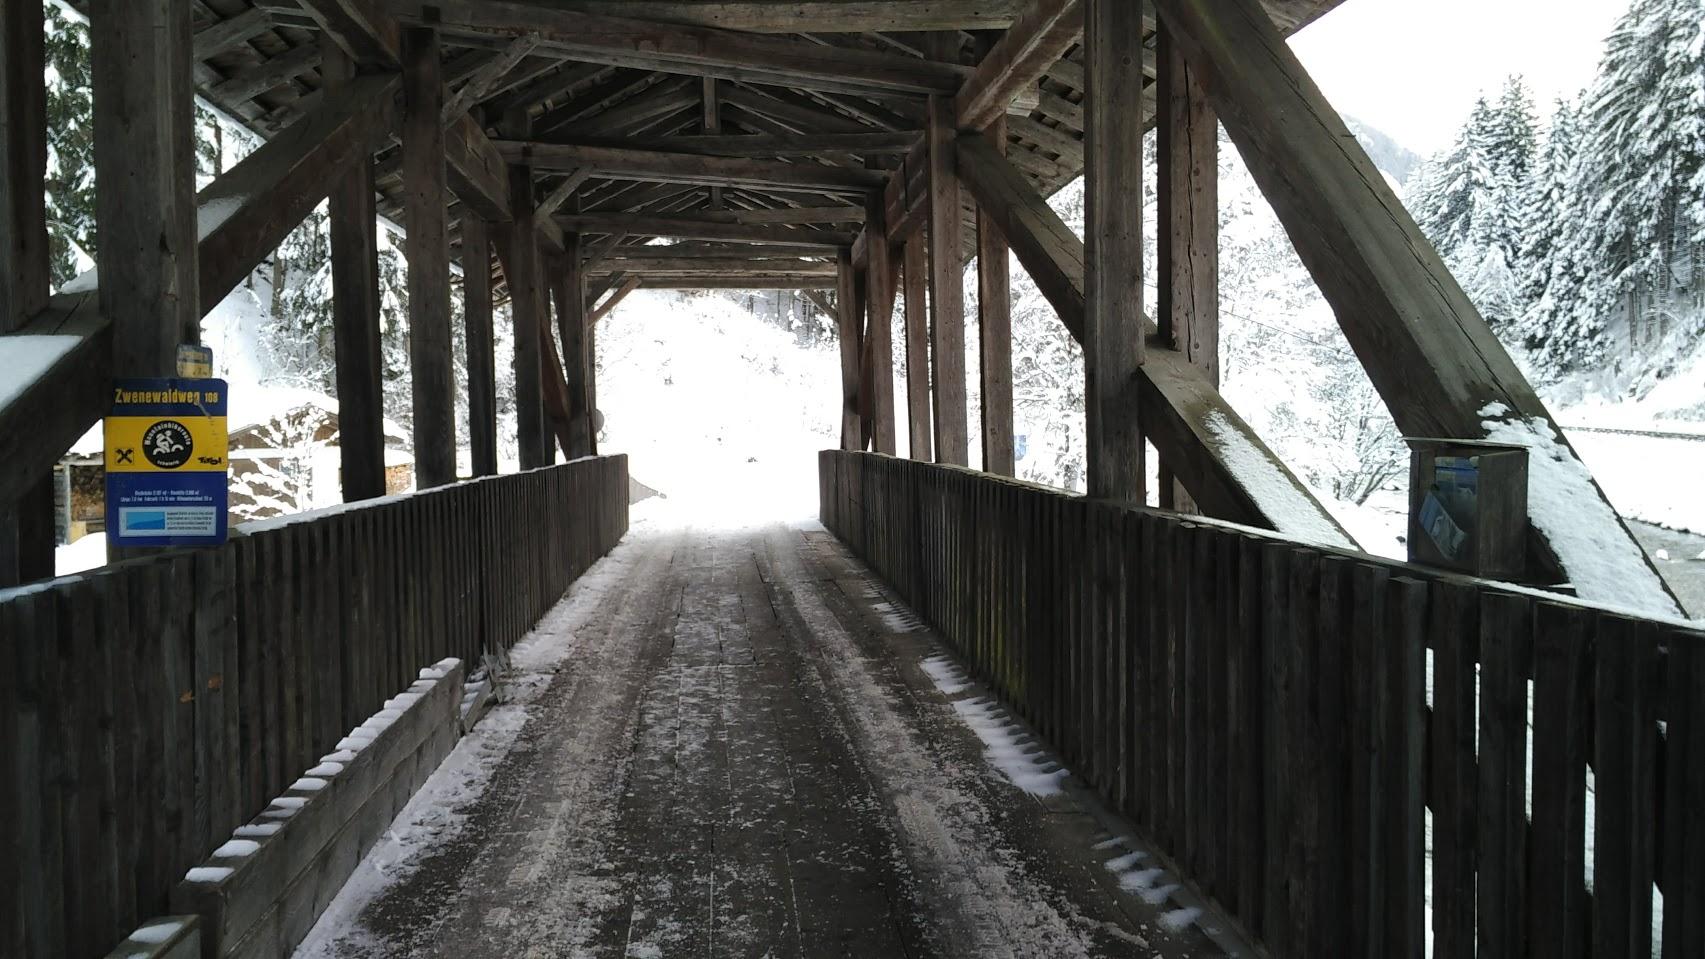 Ha sempre un che di magico attraversare un ponte coperto, come entrare in una nuova dimensione.